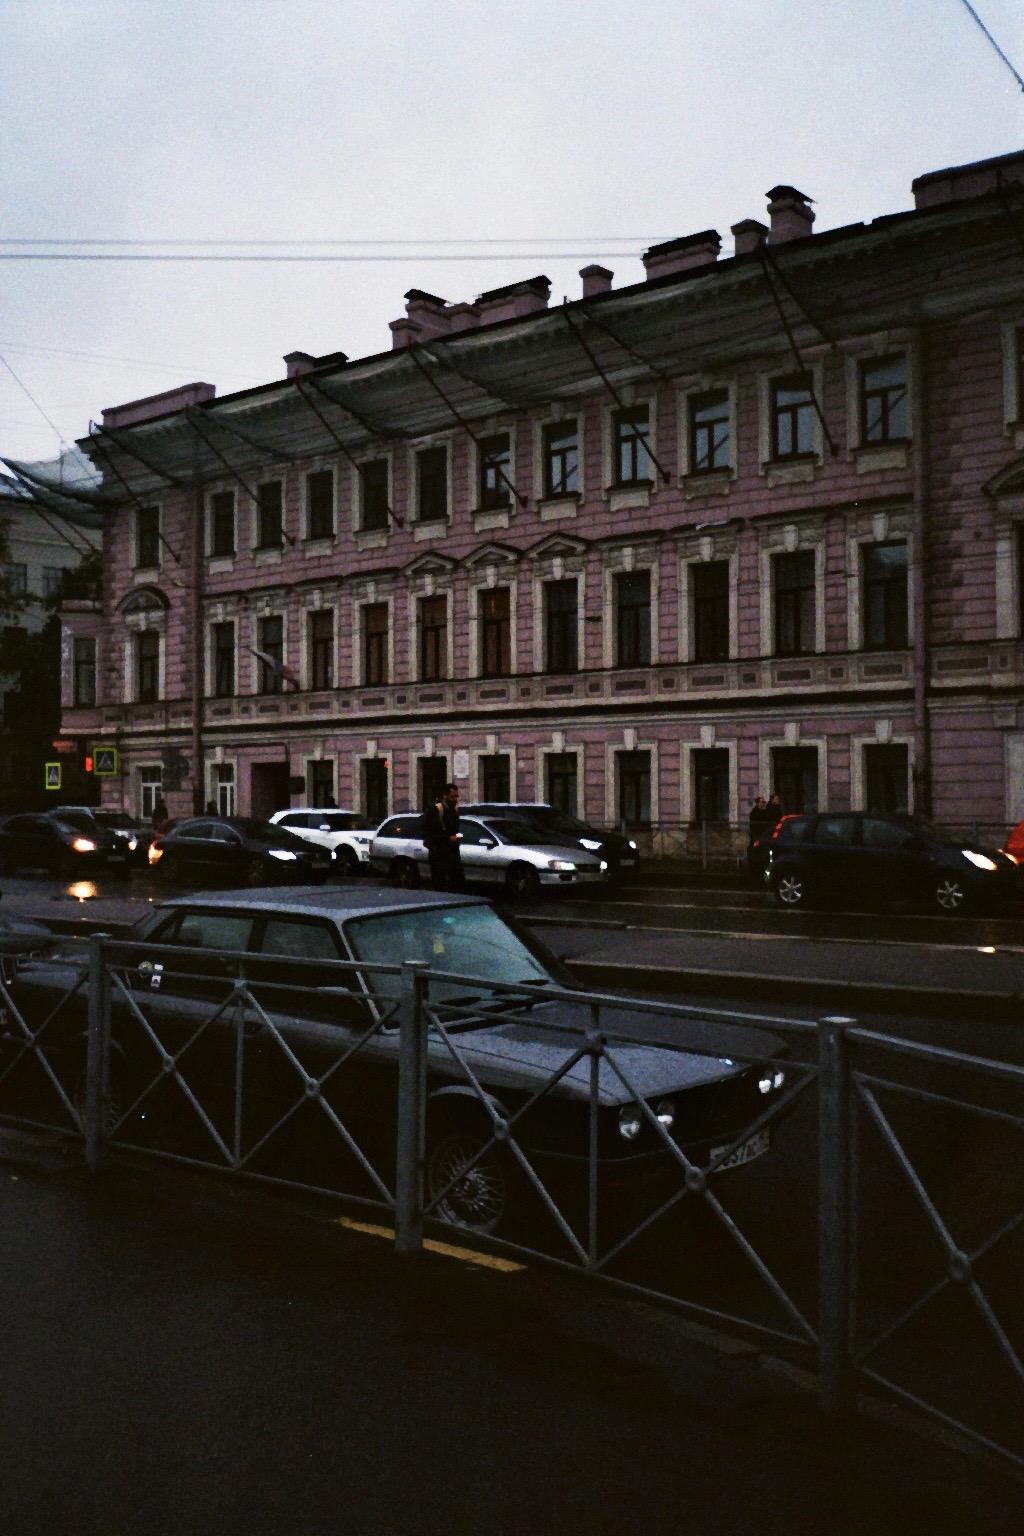 imm035_34